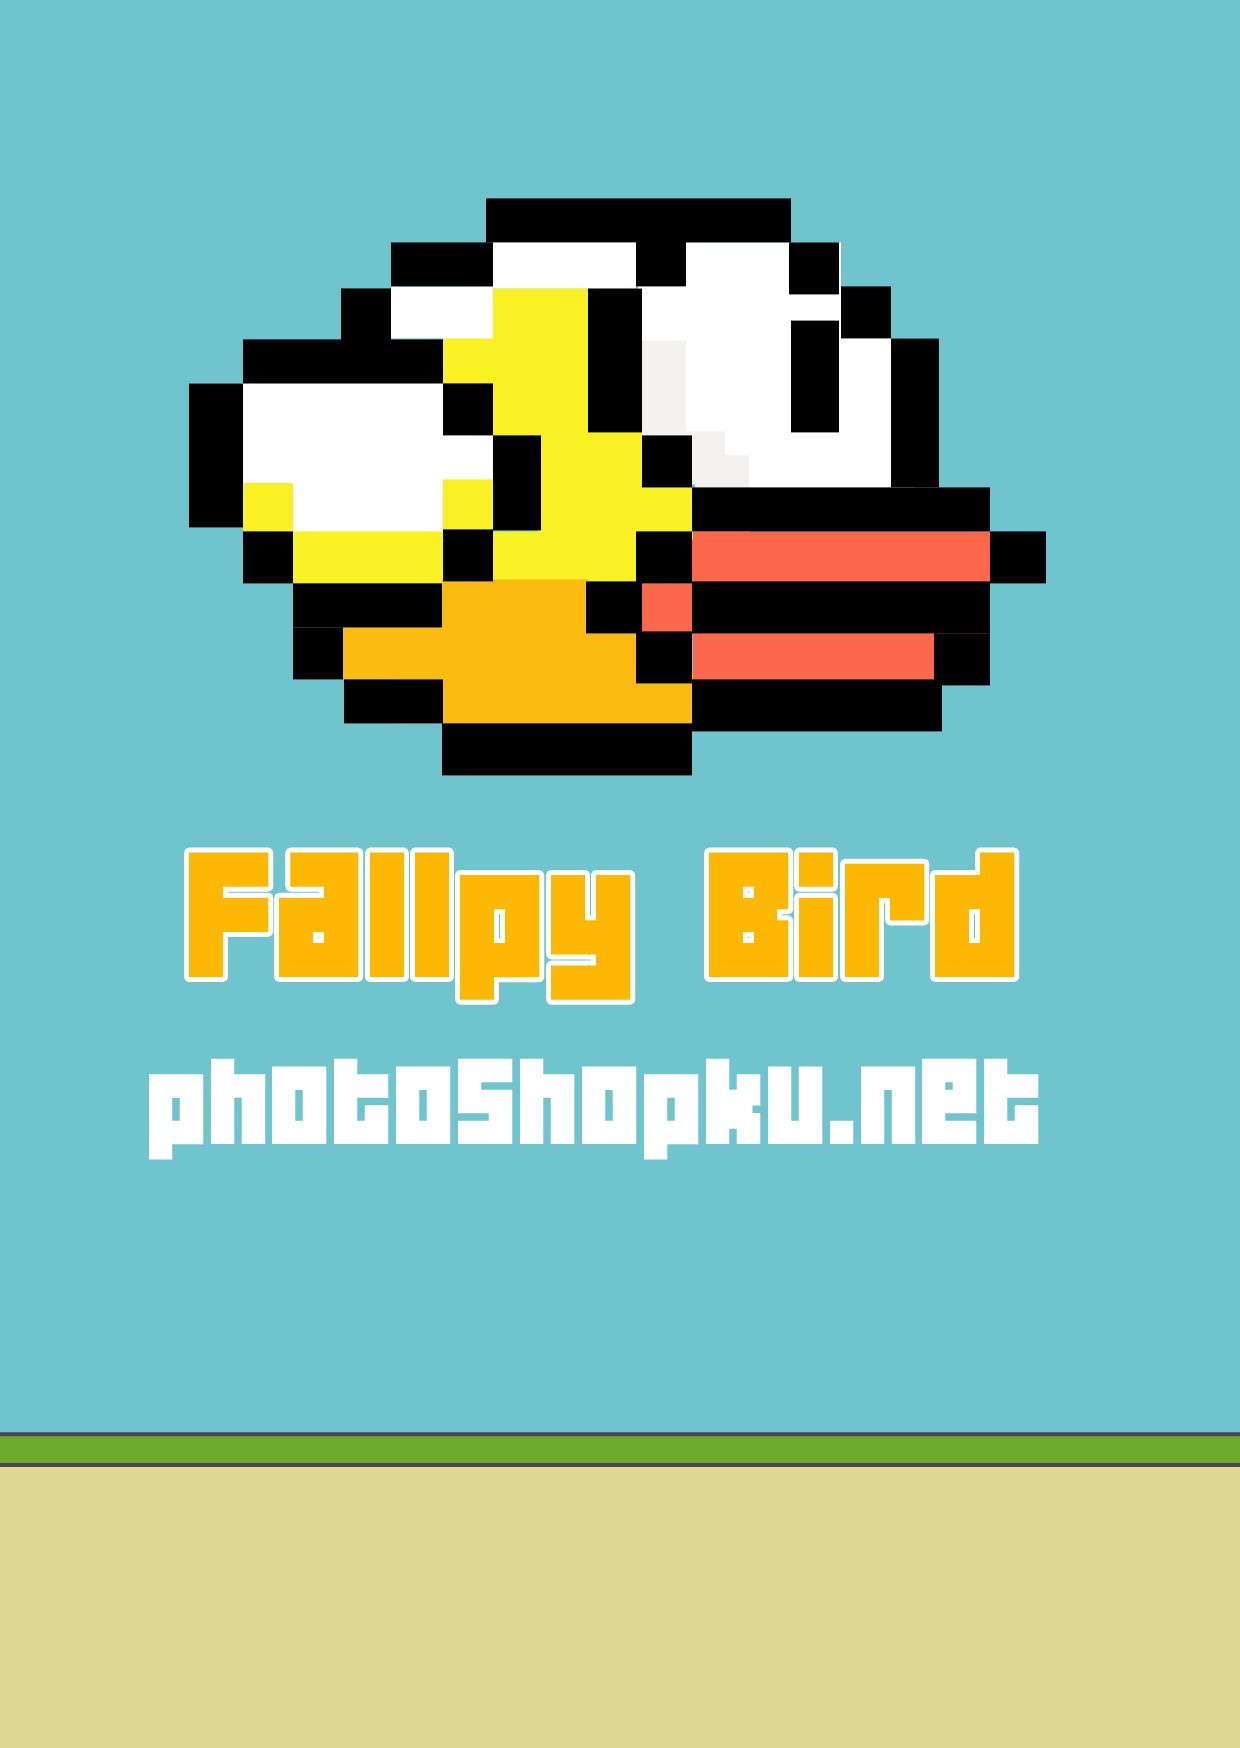 flappy bird15 flappy bird15